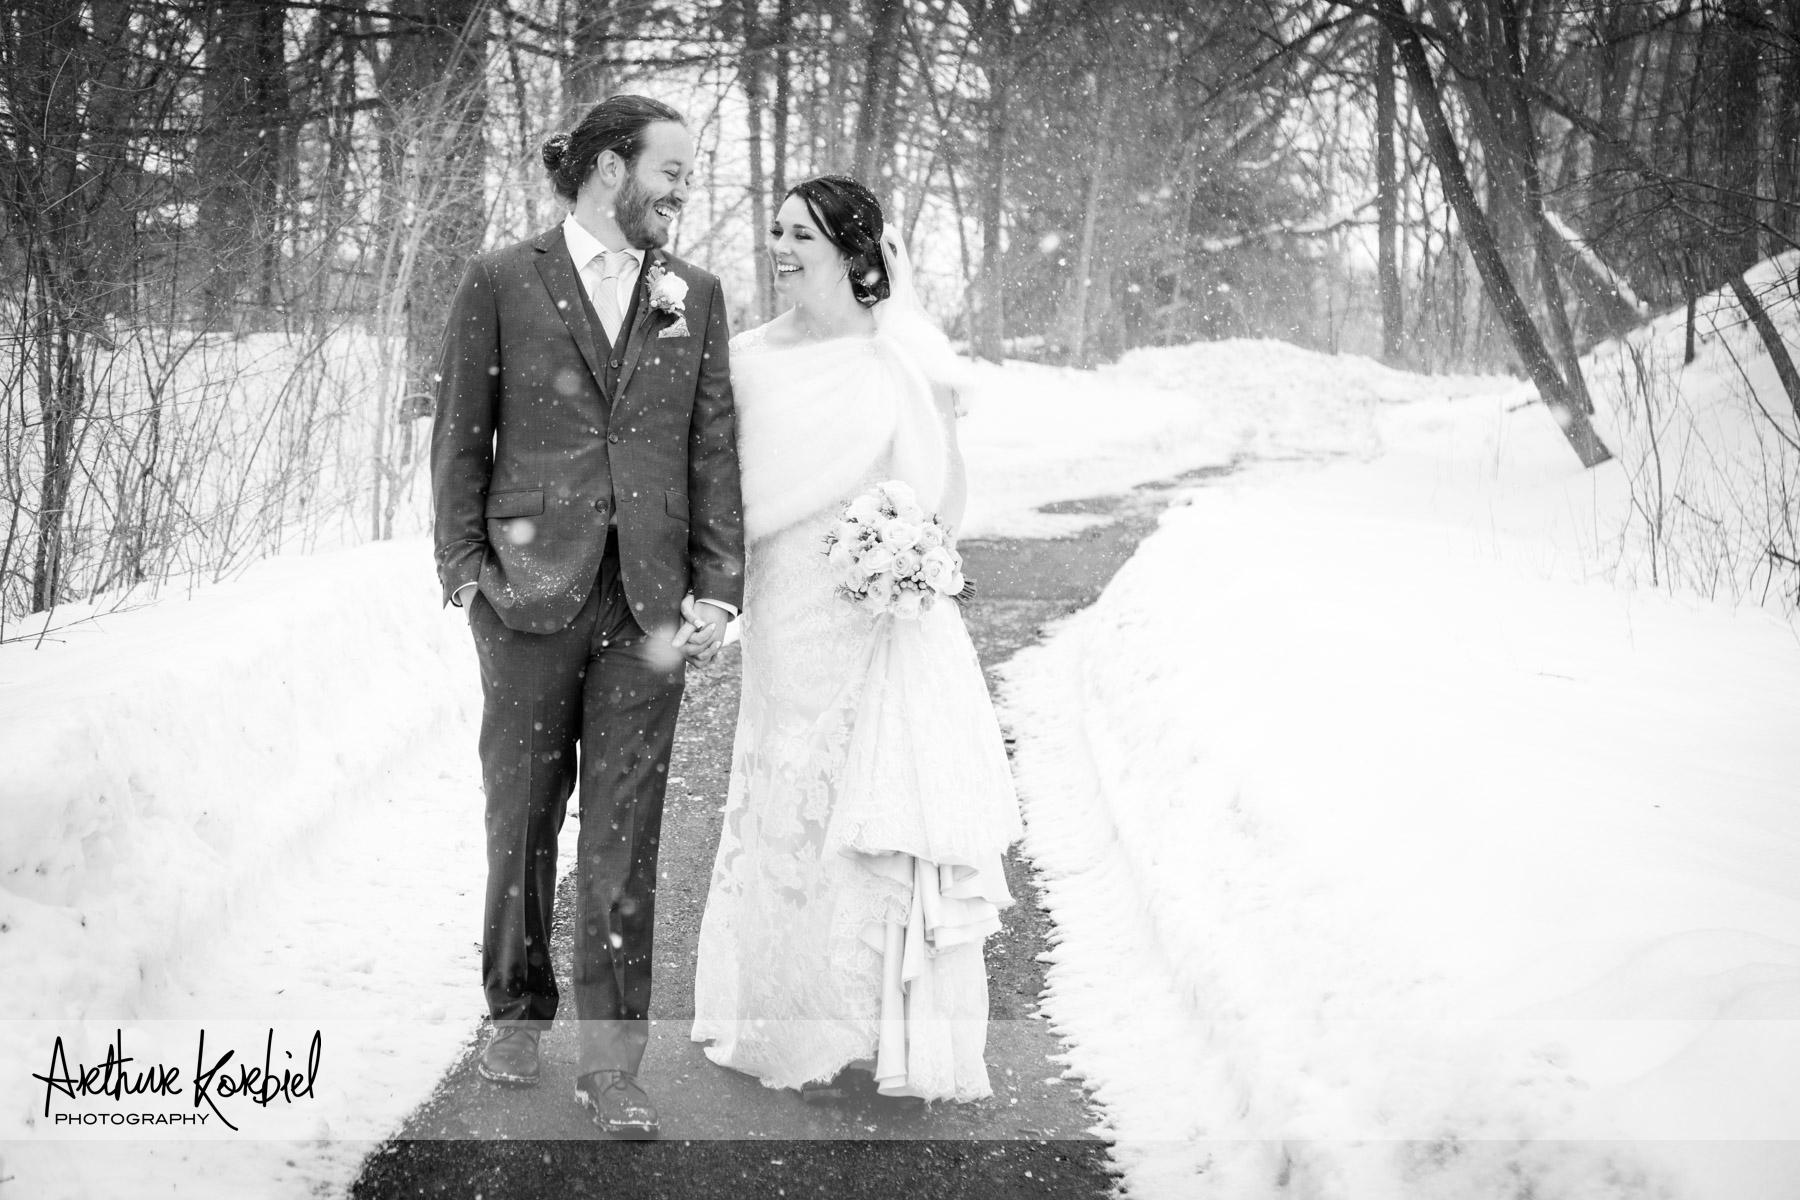 Arthur Korbiel Photography - London Wedding Photographer-004.jpg